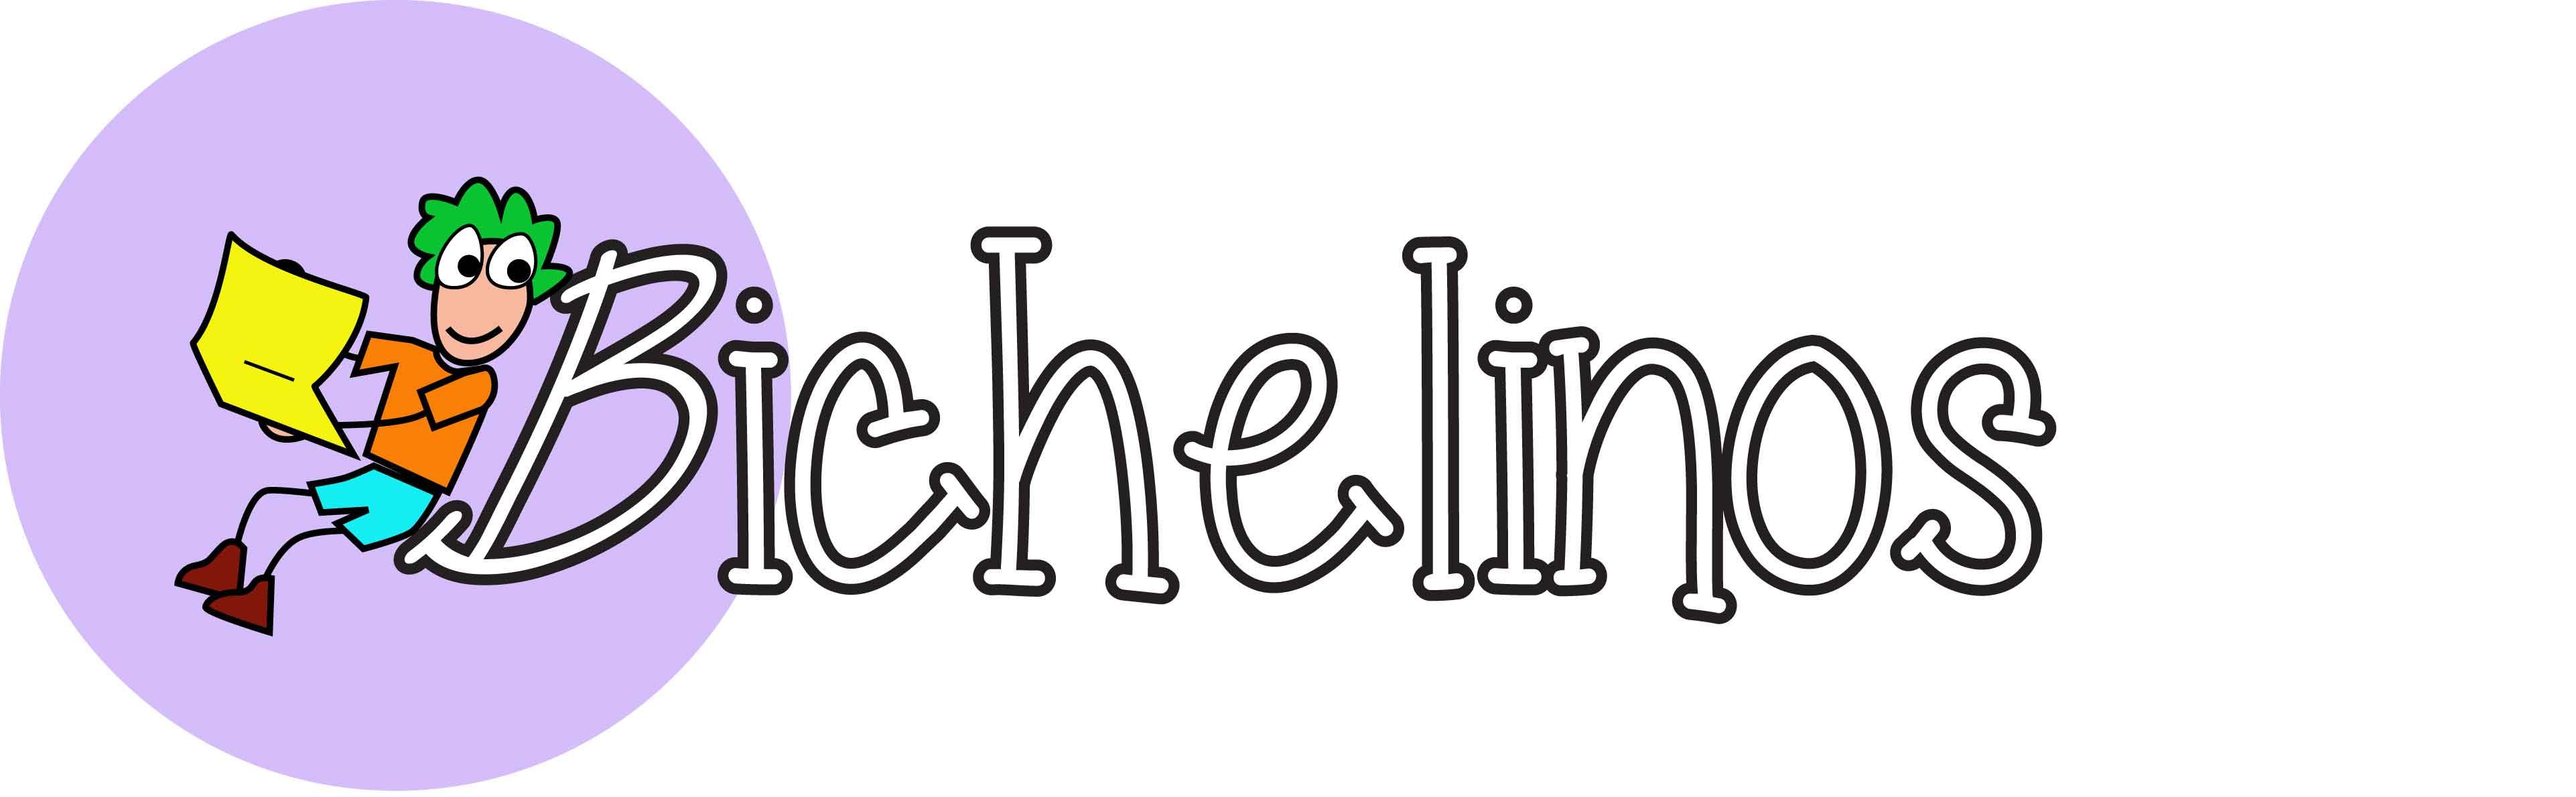 www.bichelinos.com